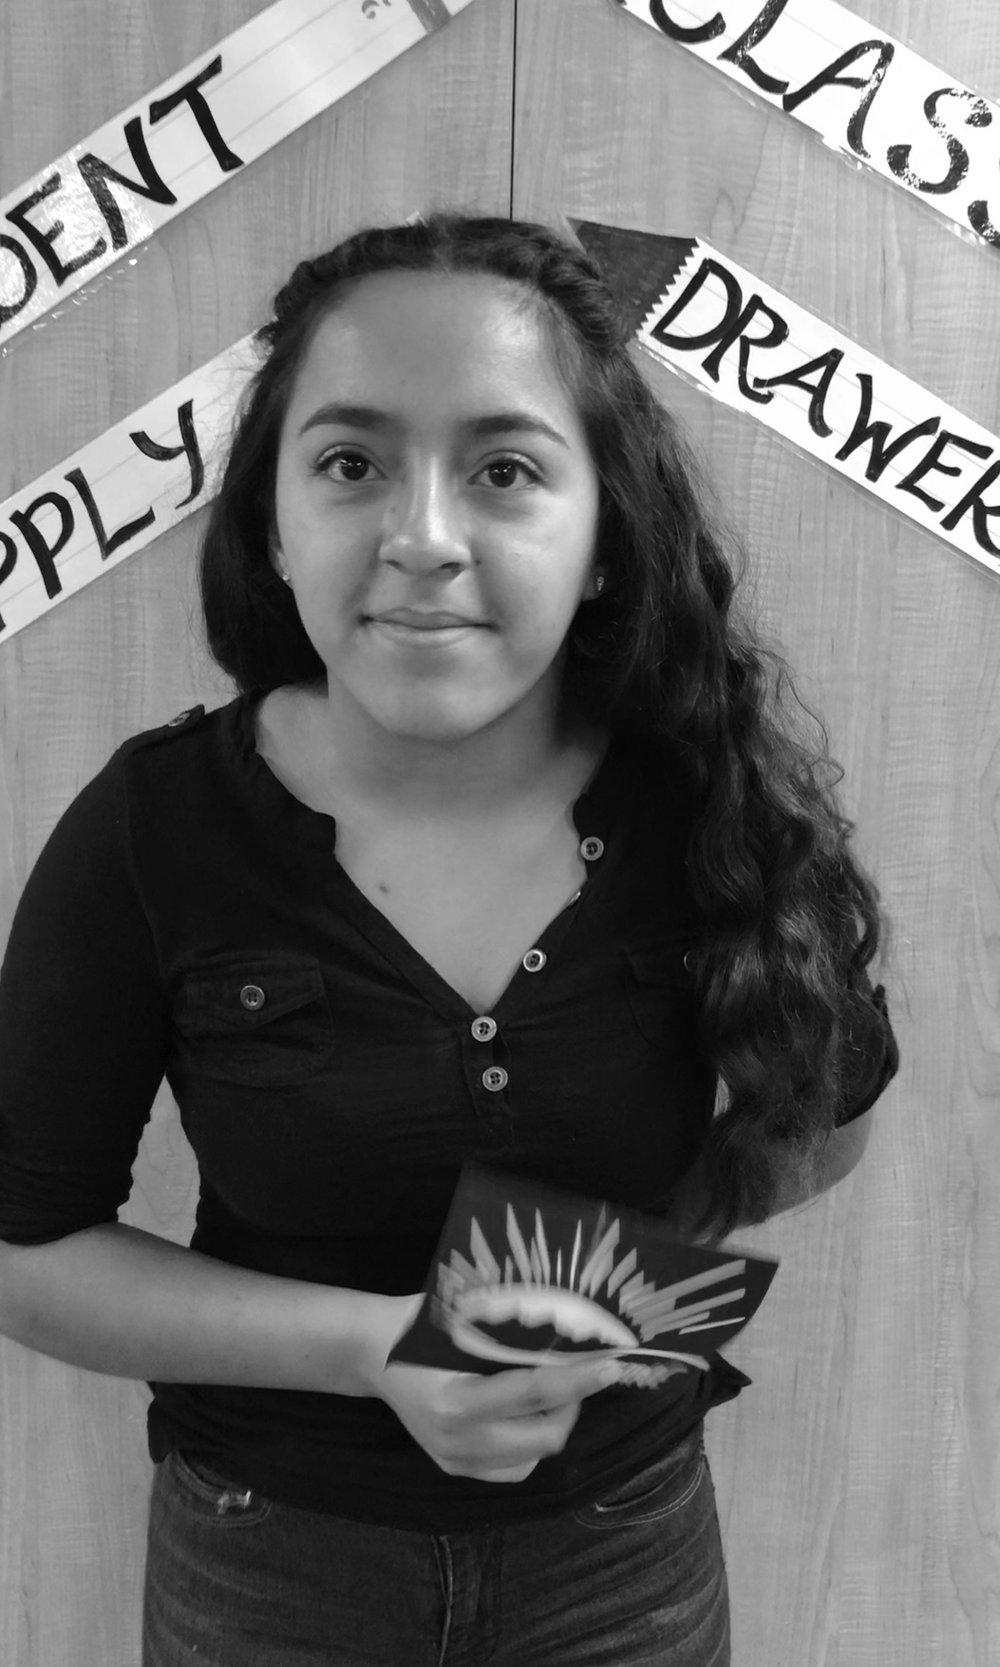 Natalia, 8th Grade